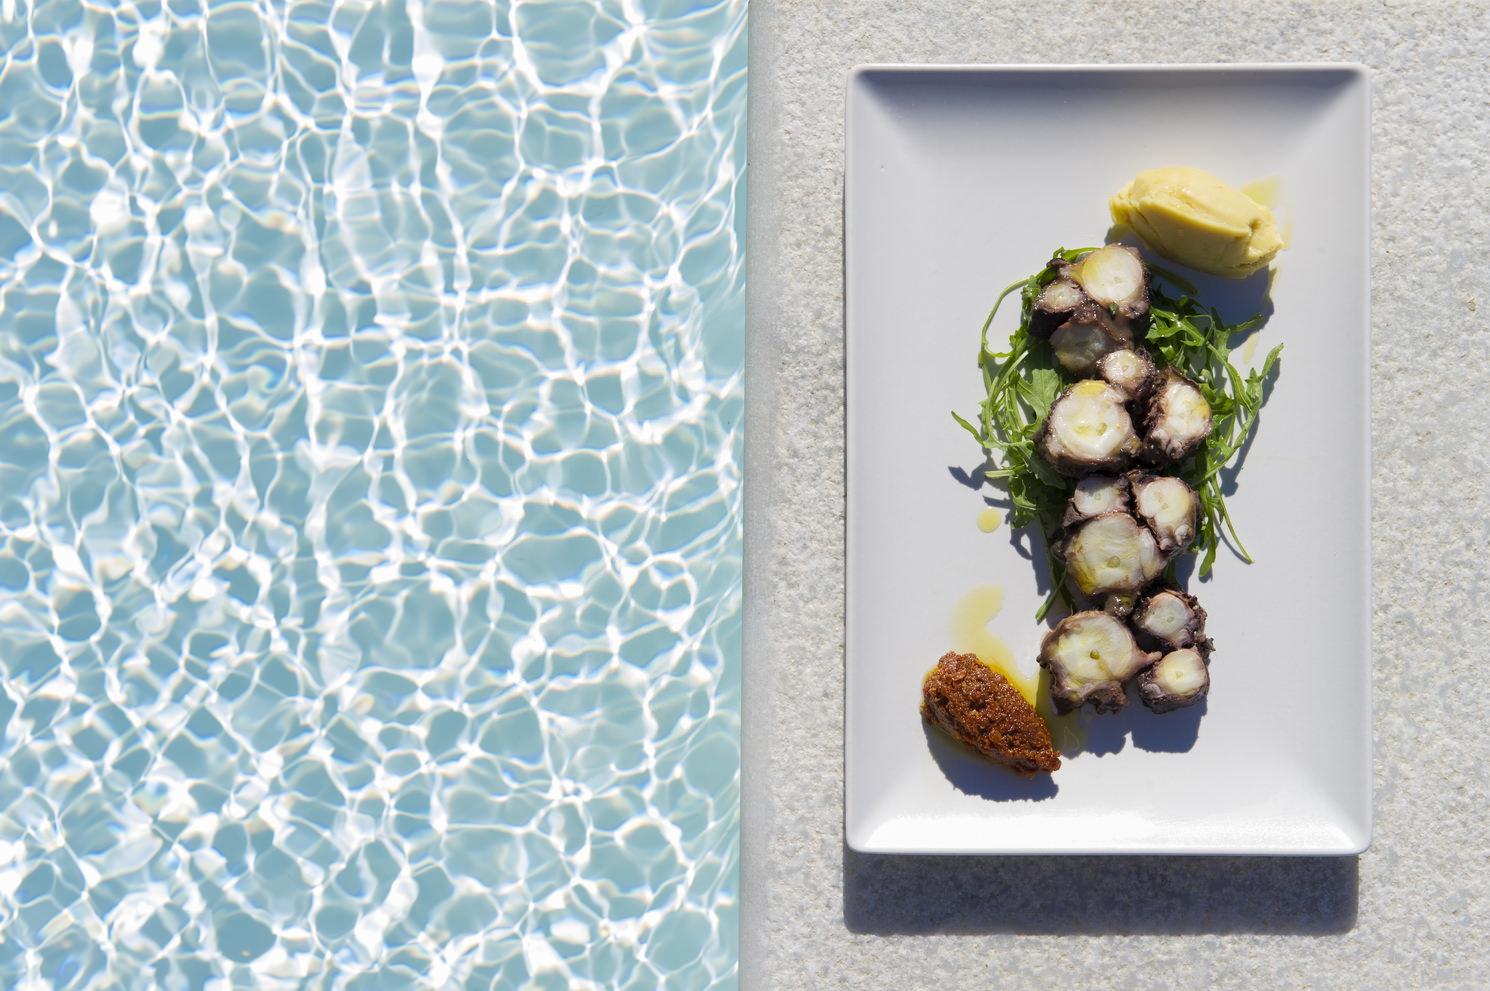 """Cuisine moléculaire et gastronomie bio  Loin des touristes qui s'amassent au nord de Mykonos, le restaurant Ftelia Bay propose une atmosphère apaisante et intimiste. La cuisine se veut gastronomique avec des touches moléculaires, chaque plat étant confectionné avec des produits biologiques venant directement du jardin de l'établissement ou de petits producteurs locaux, comme la """"Mousaka di mare"""" ou le """"Risotto aux figues"""". Une gastronomie mêlant produits du terroir et innovations culinaires.  www.fteliabay.gr"""